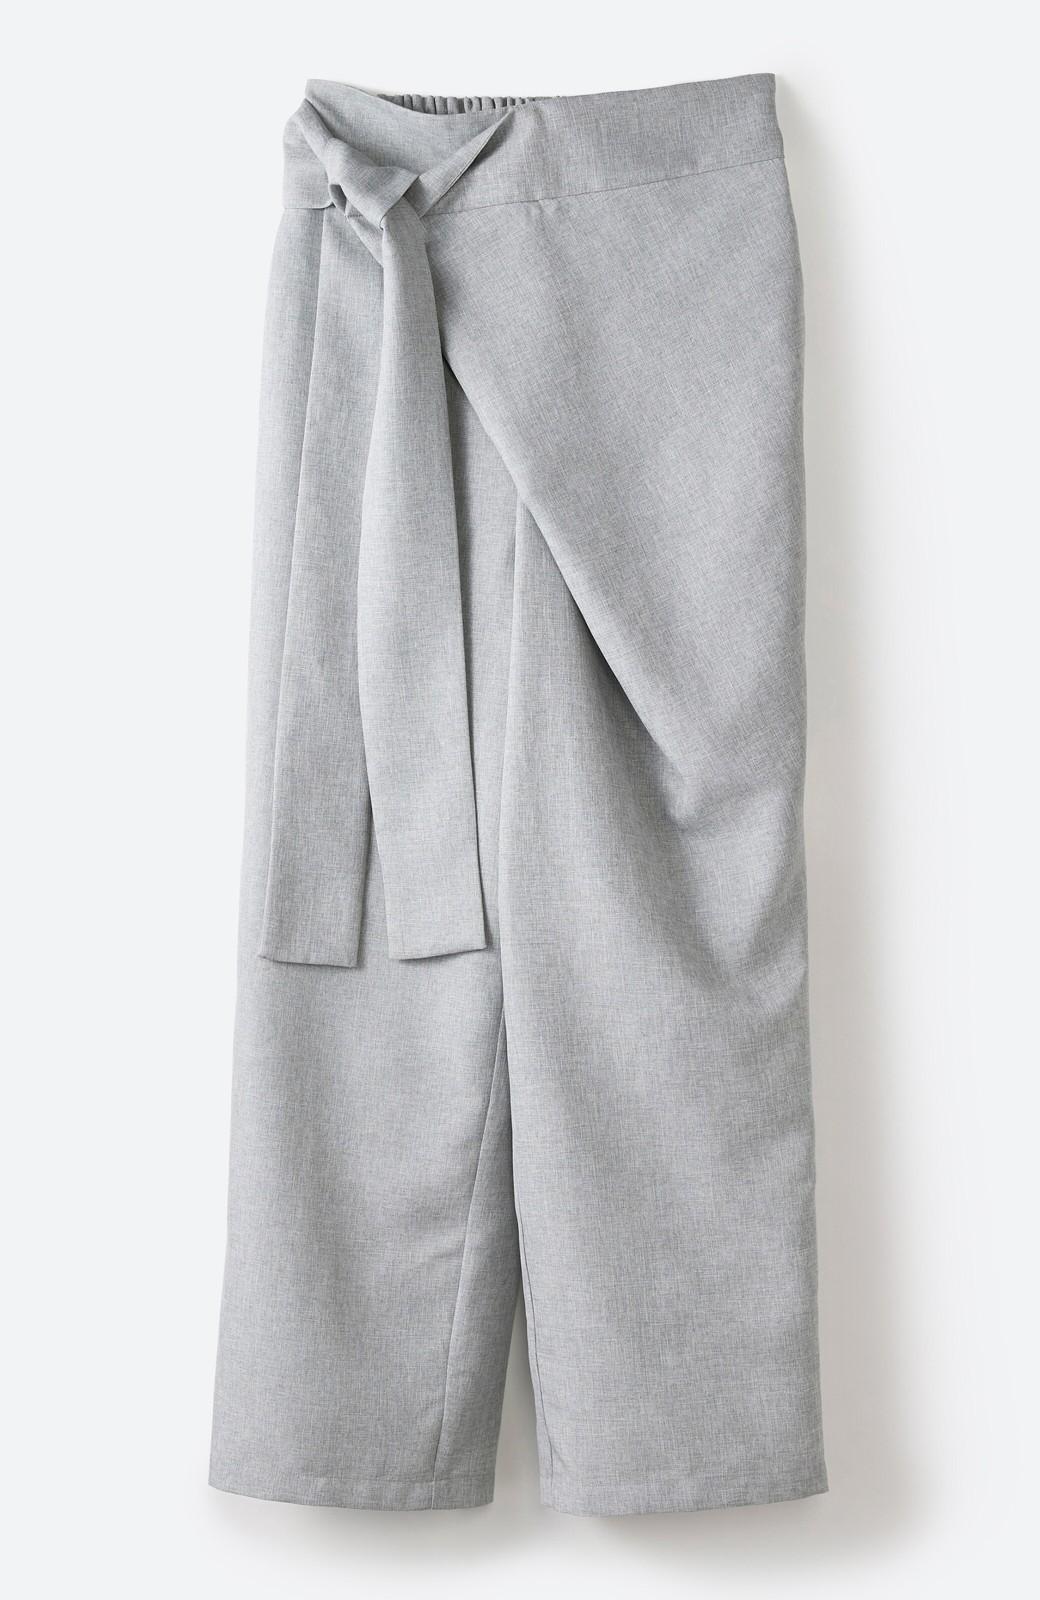 haco! パンツ派だけどきれいでいたい!を叶えてくれる 麻風素材のラップデザインパンツ <ライトグレー>の商品写真2